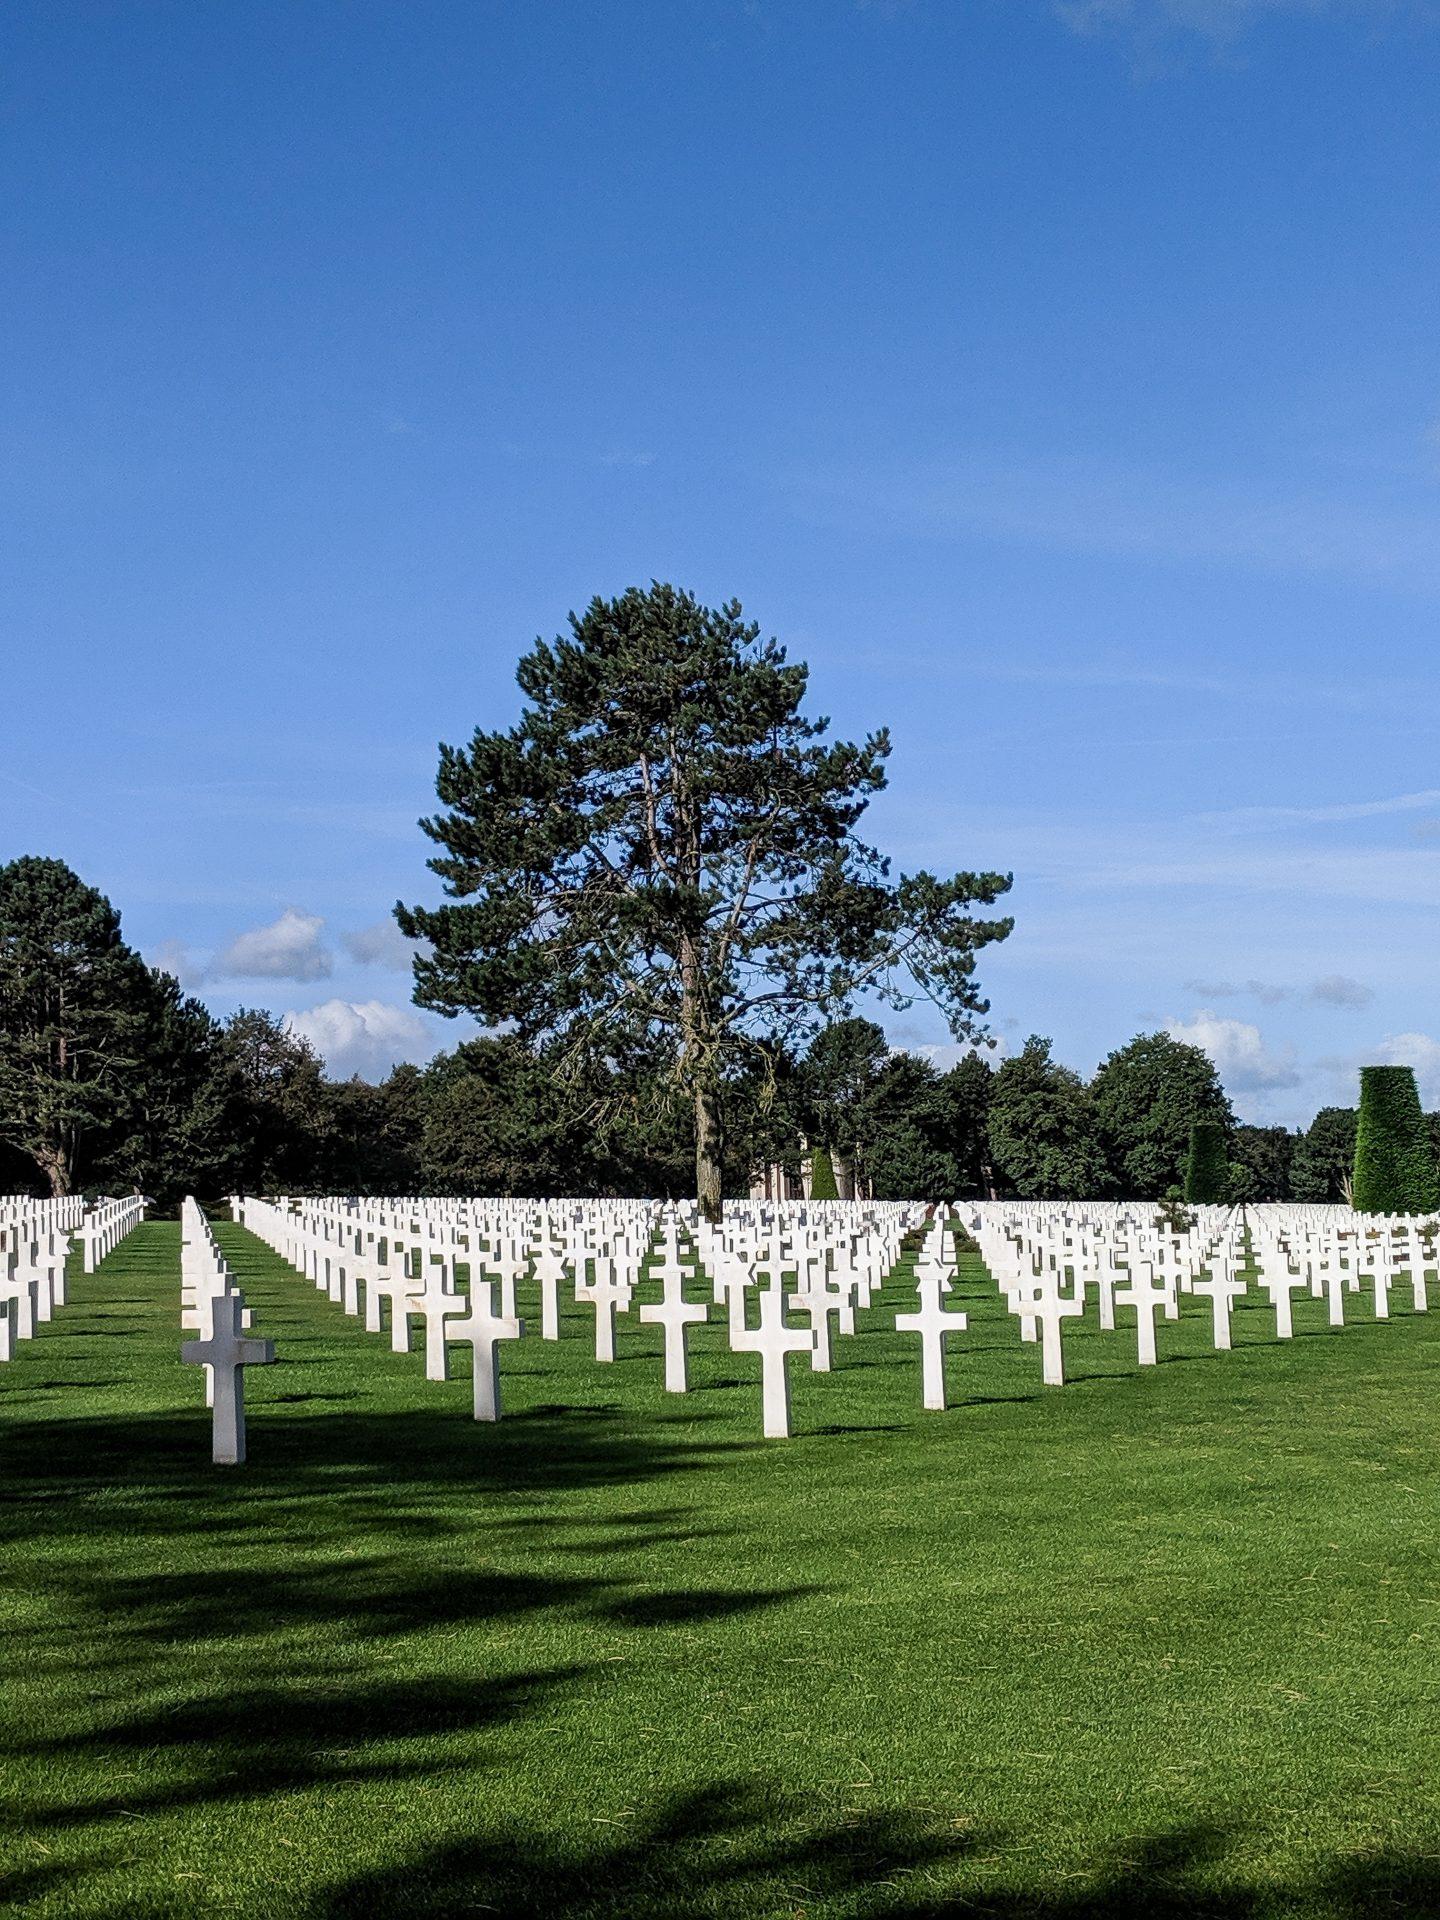 The American Cemetery - Omaha Beach